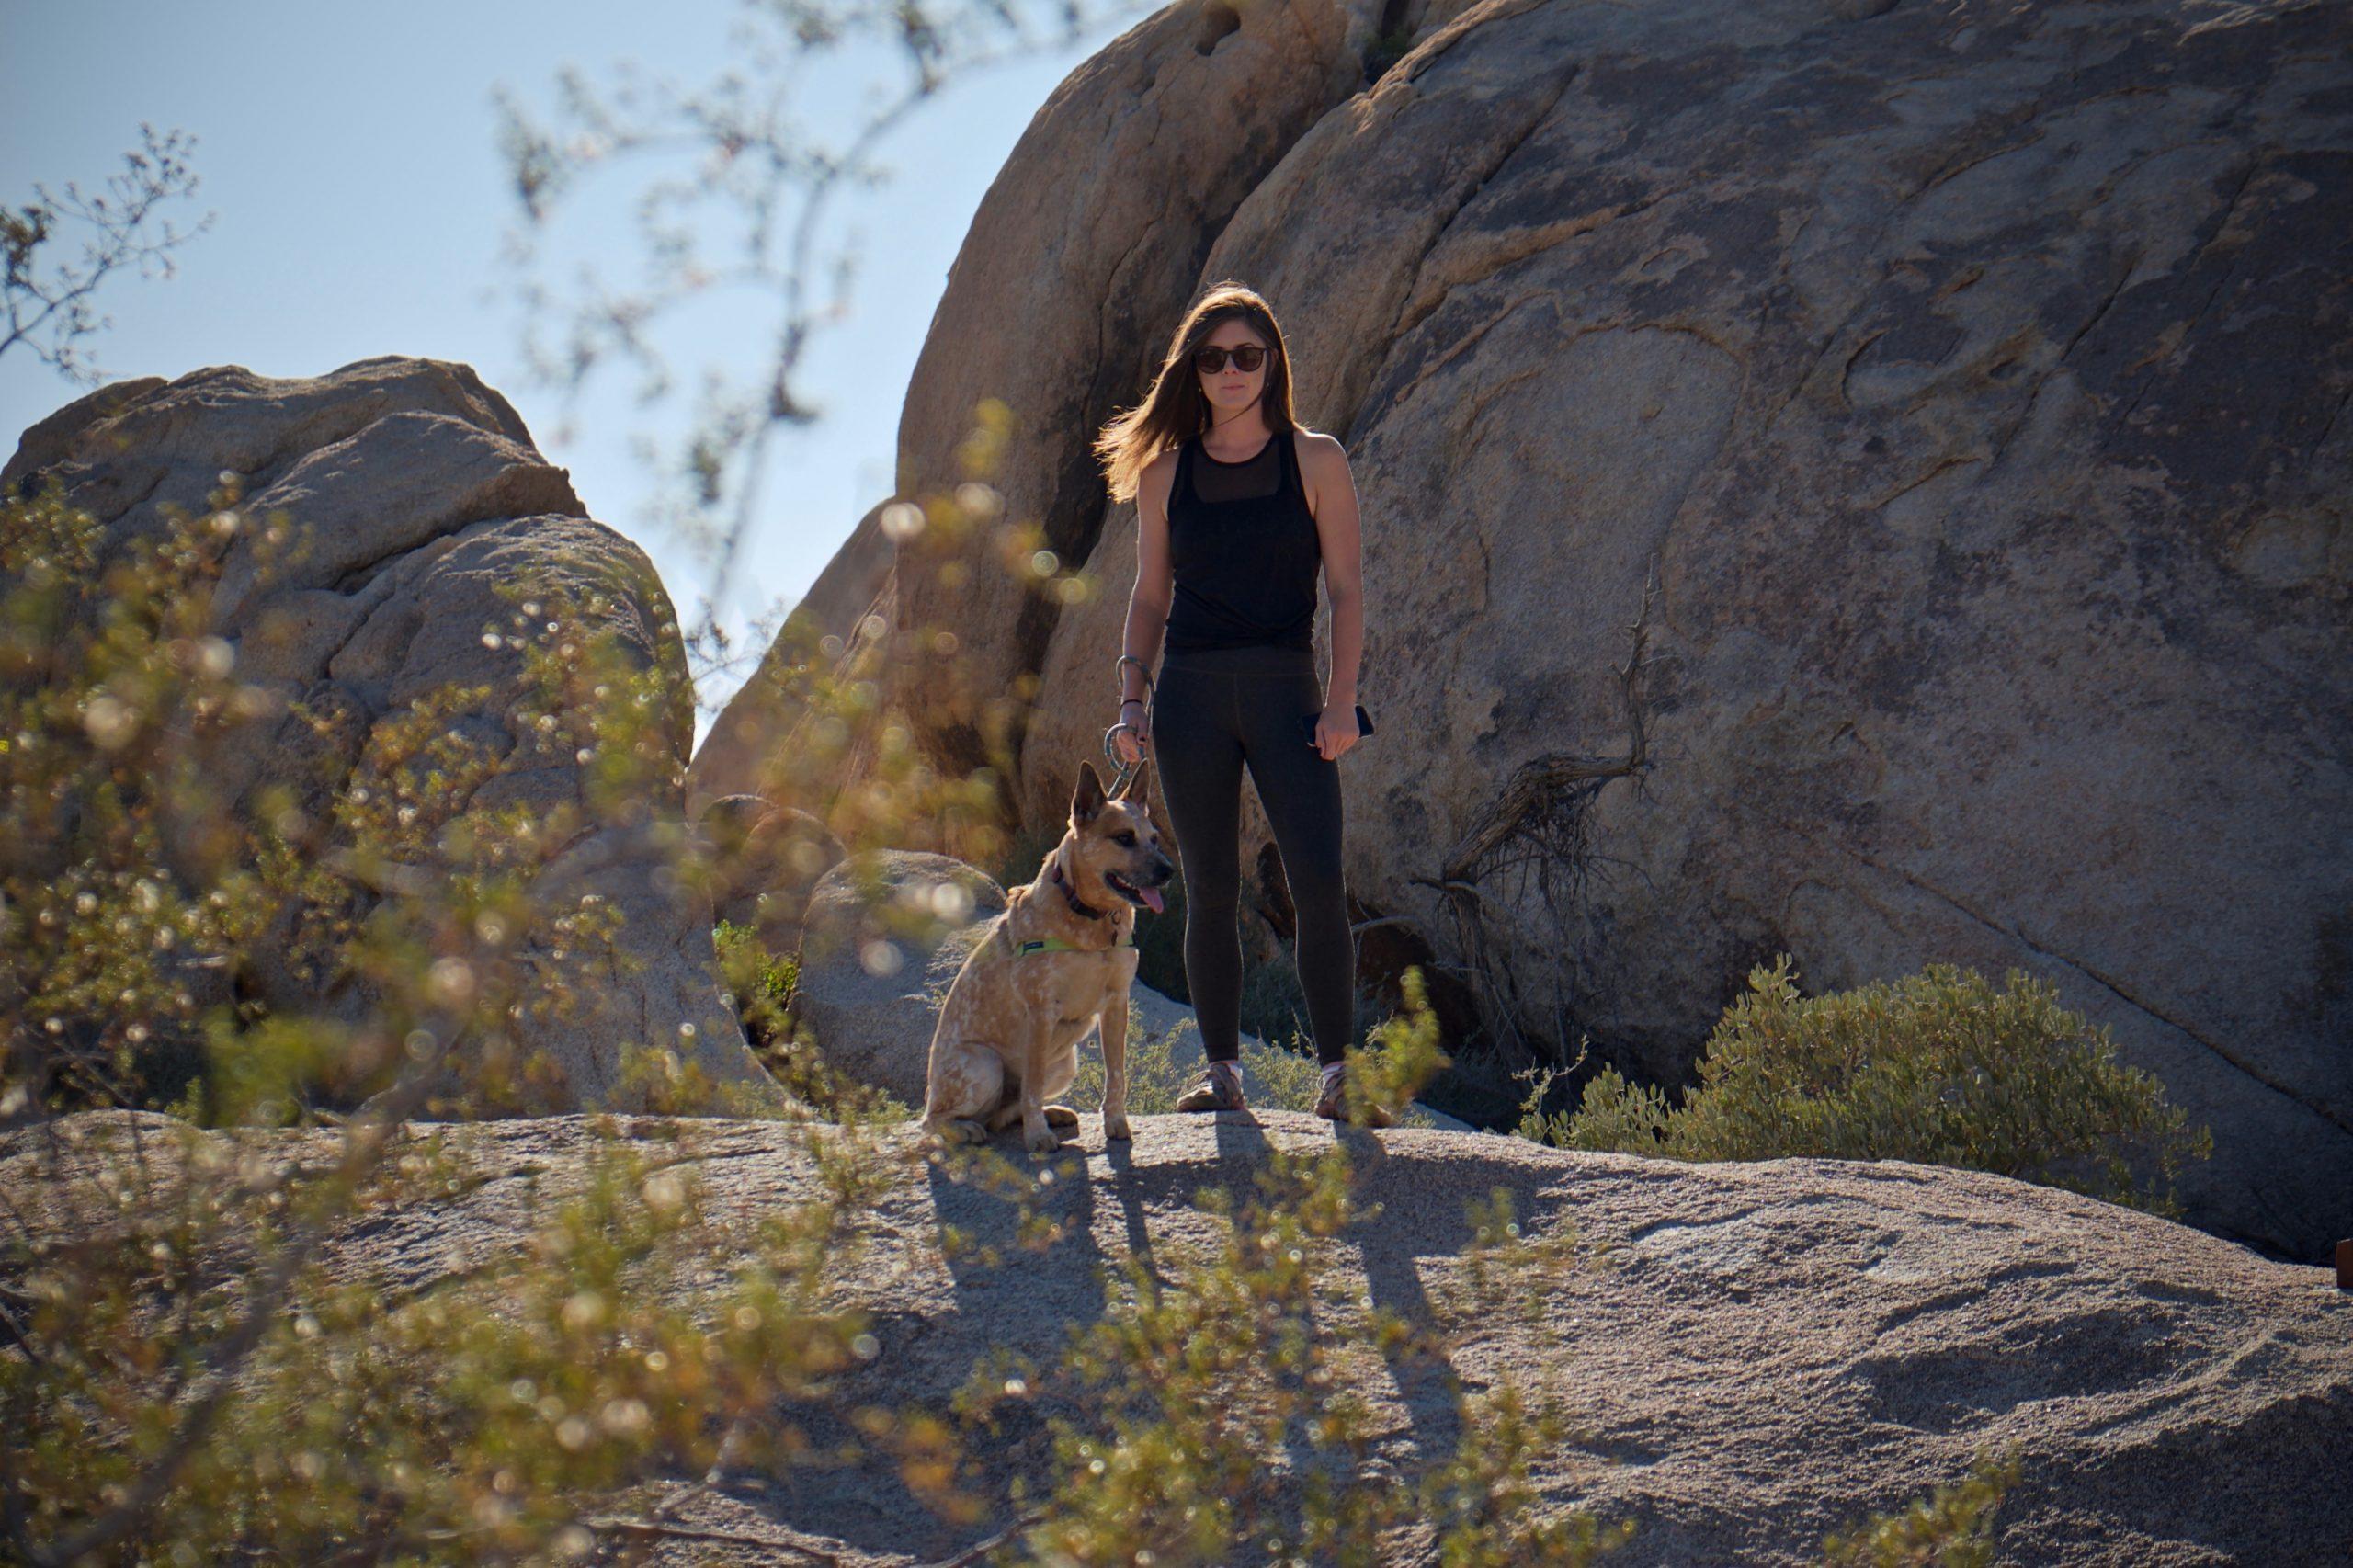 Mi perro no quiere pasear: 5 razones por las que tu perro se niega a pasear 6